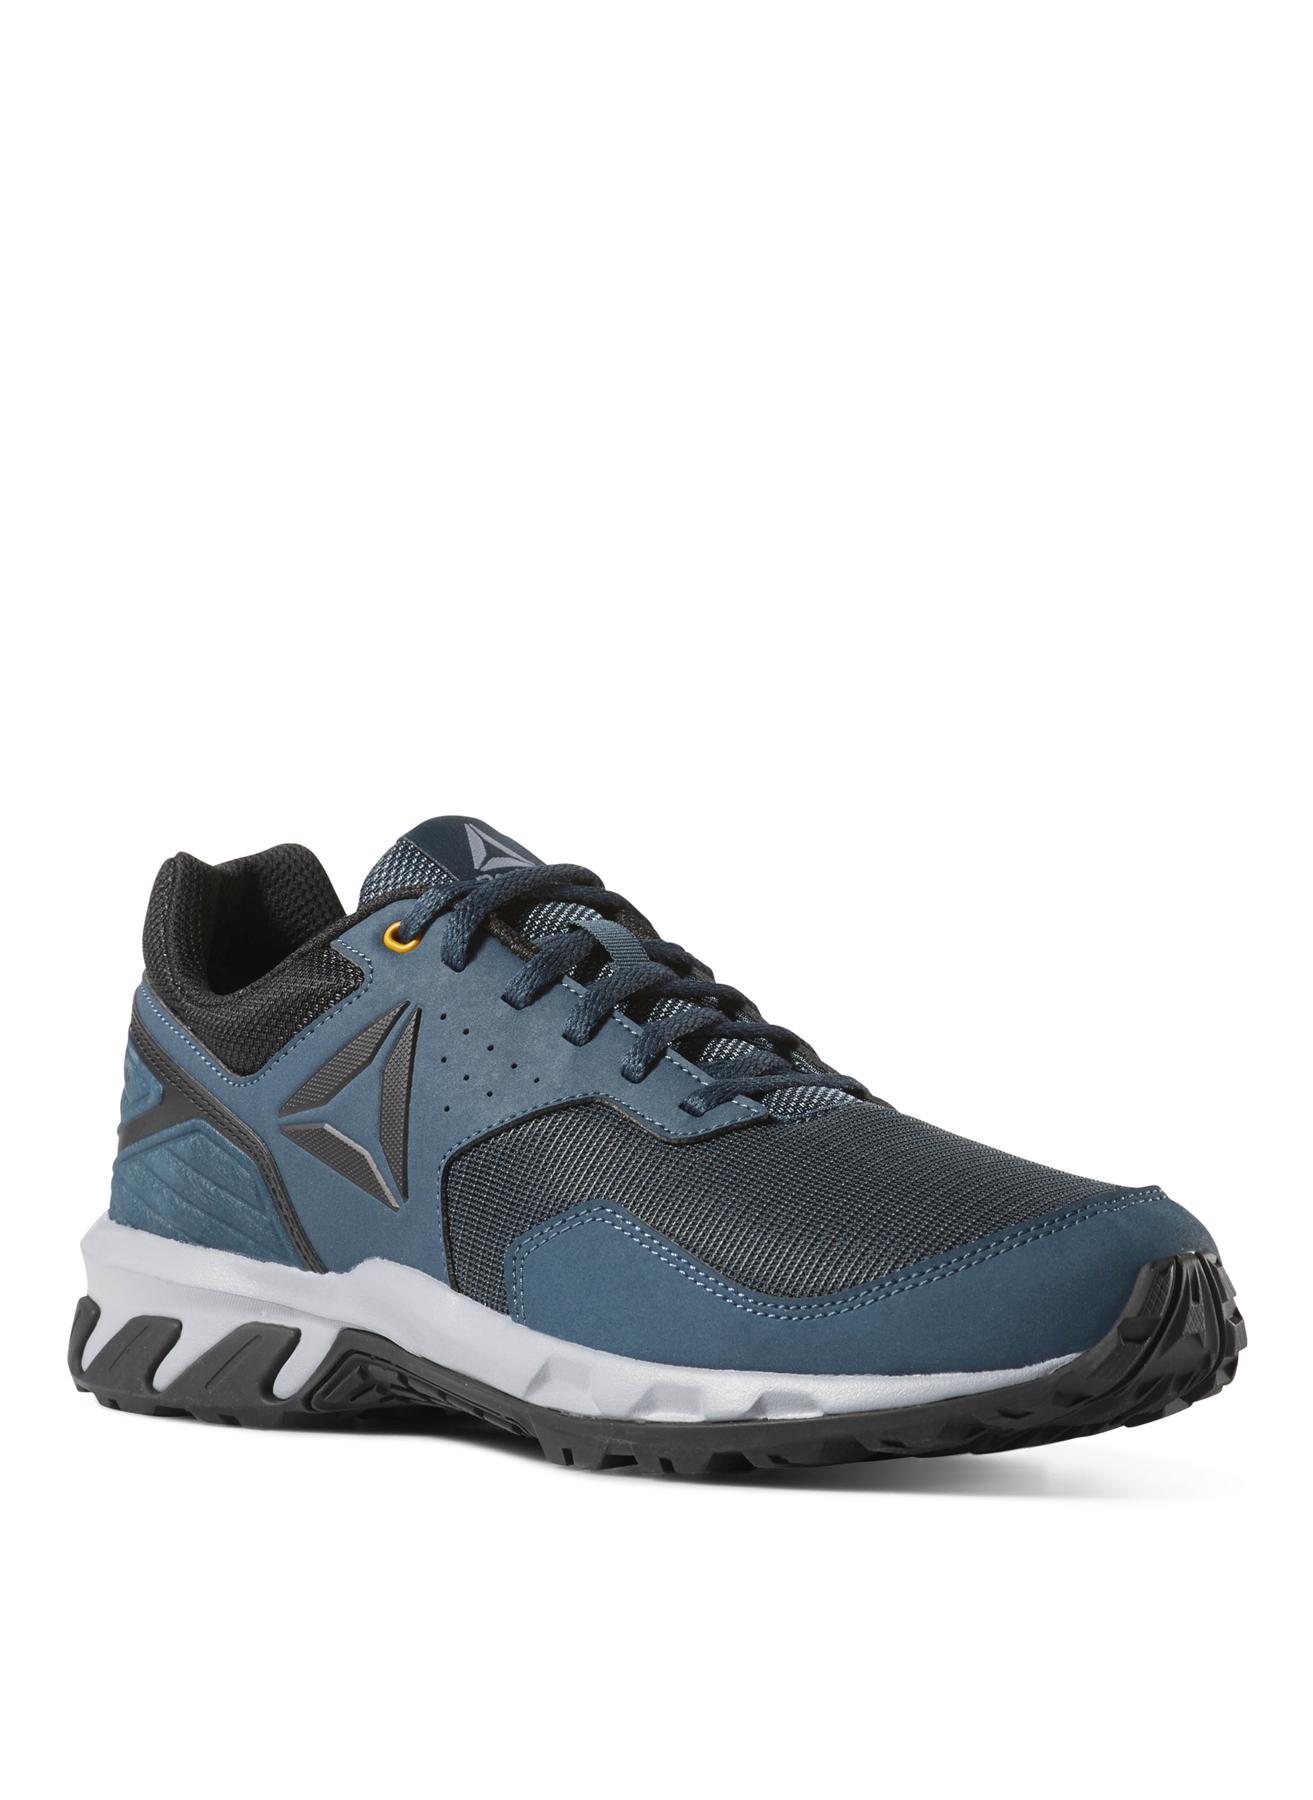 Reebok Koşu Ayakkabısı 41 5002359549003 Ürün Resmi